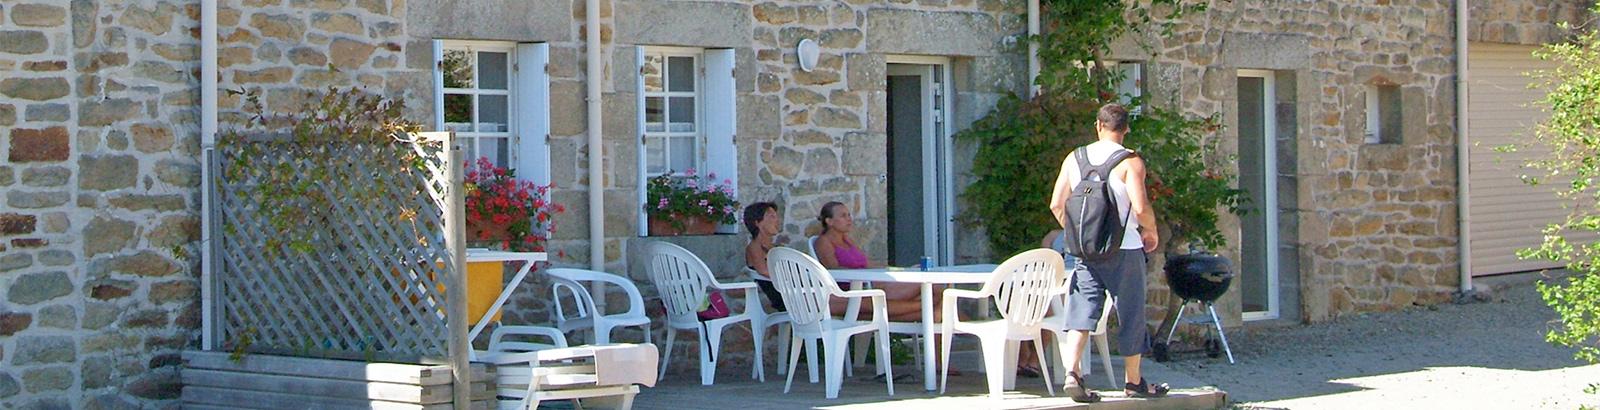 Vakantie huis La Longère voor 8 personen